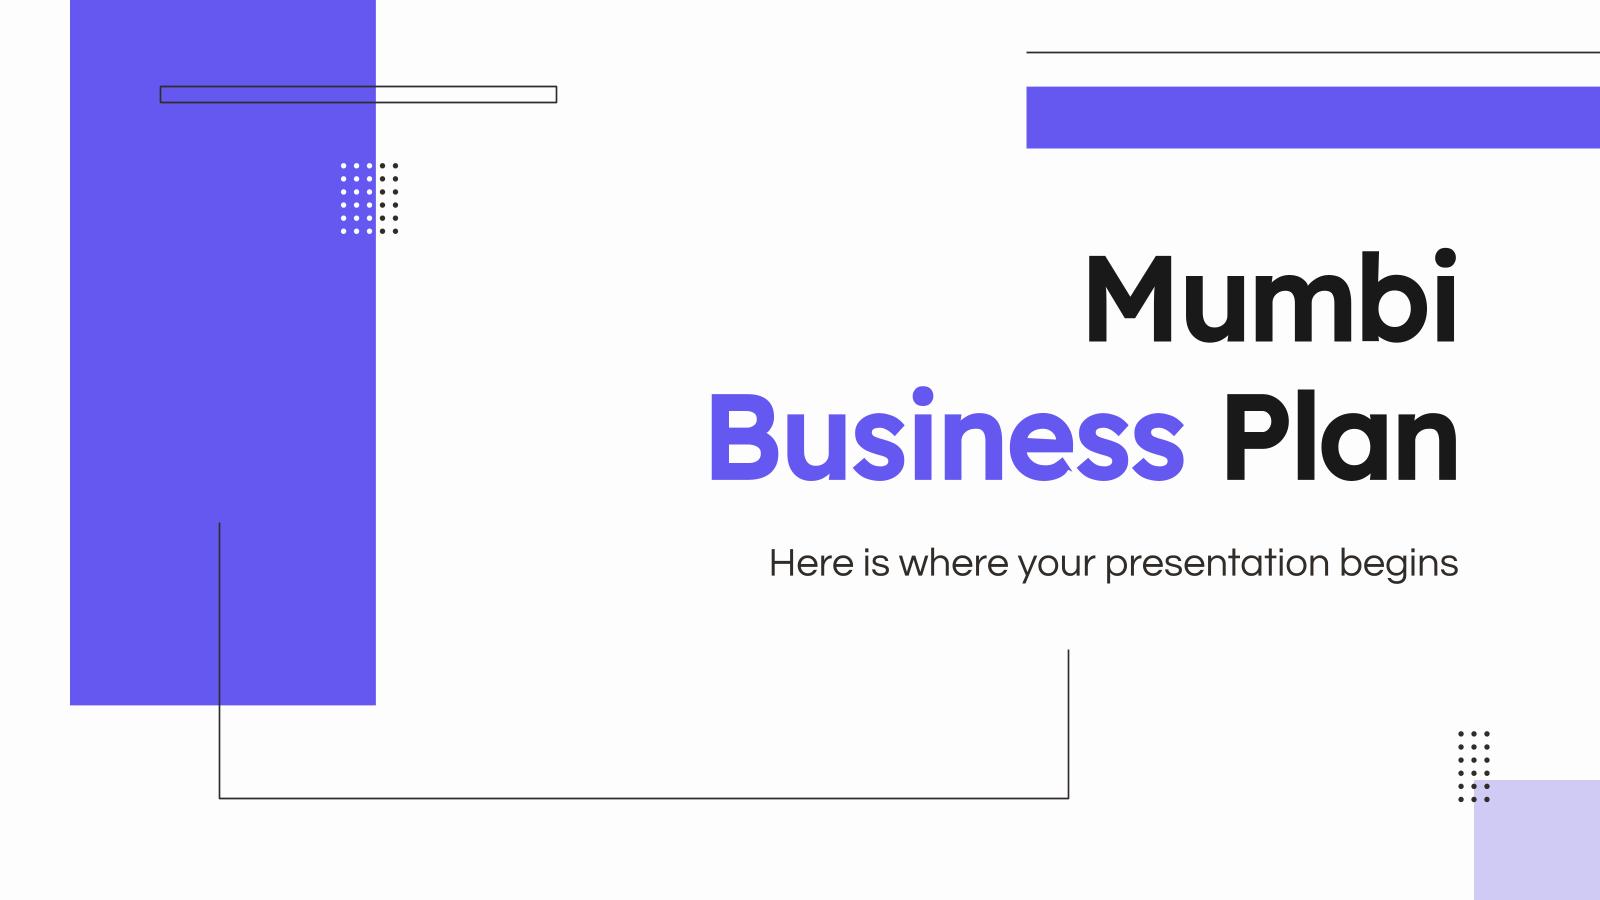 Modelo de apresentação Plano de negócios Mumbi